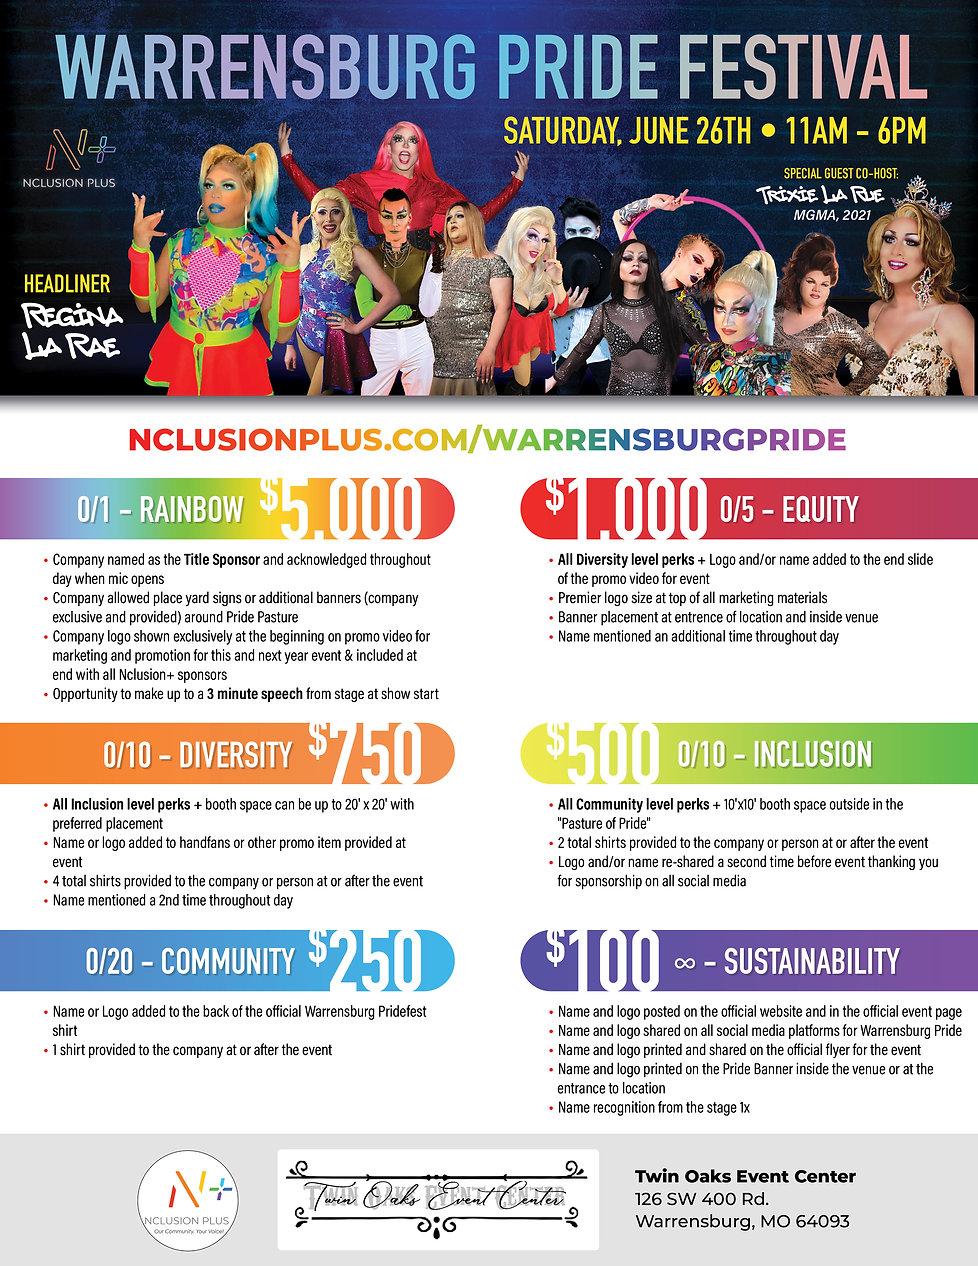 Warrensburg Pride_Flyer V2.jpg